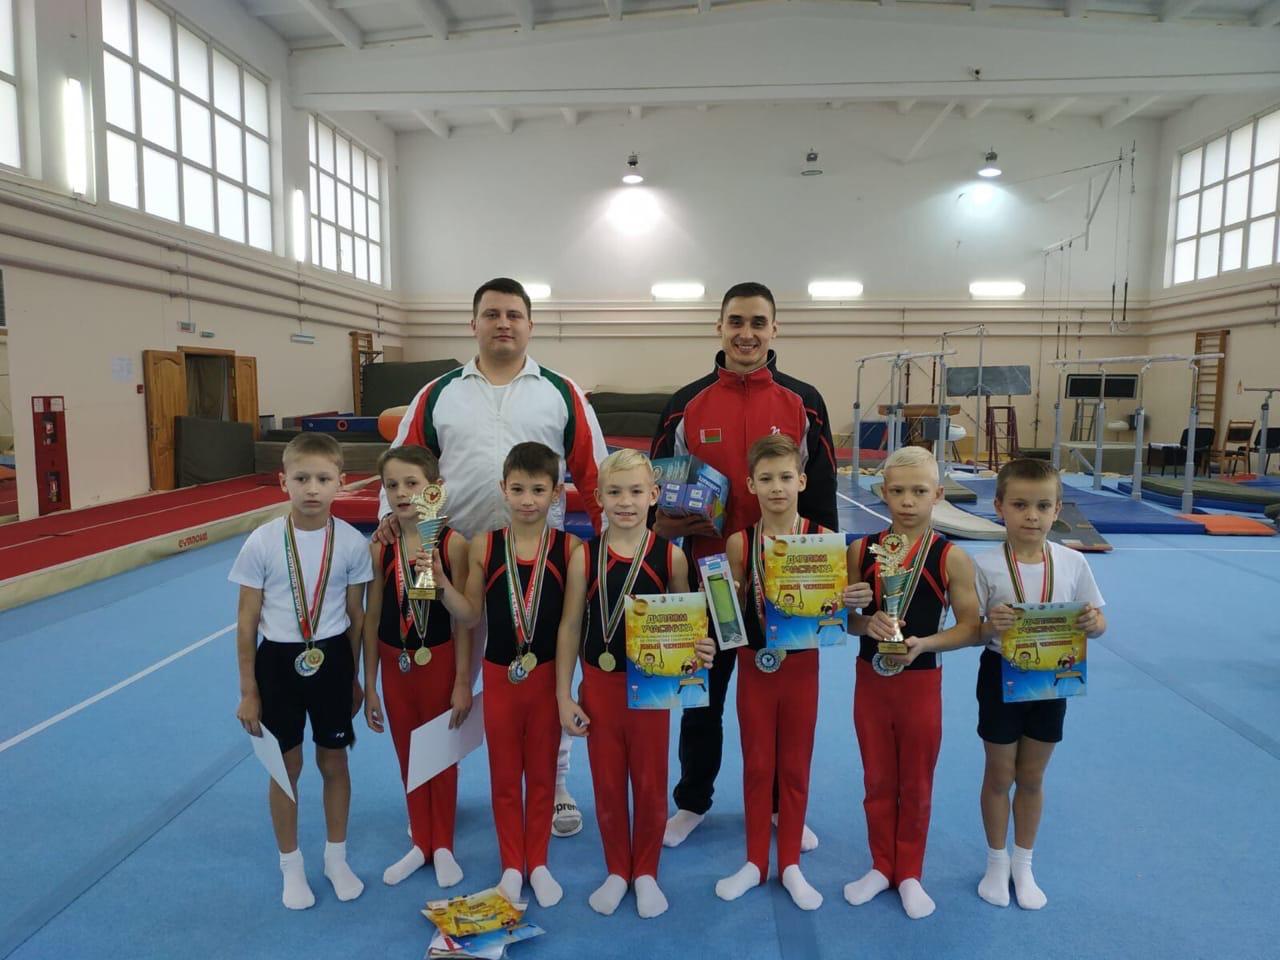 Могилевские гимнасты завоевали медали нареспубликанских соревнованиях «Юный чемпион»